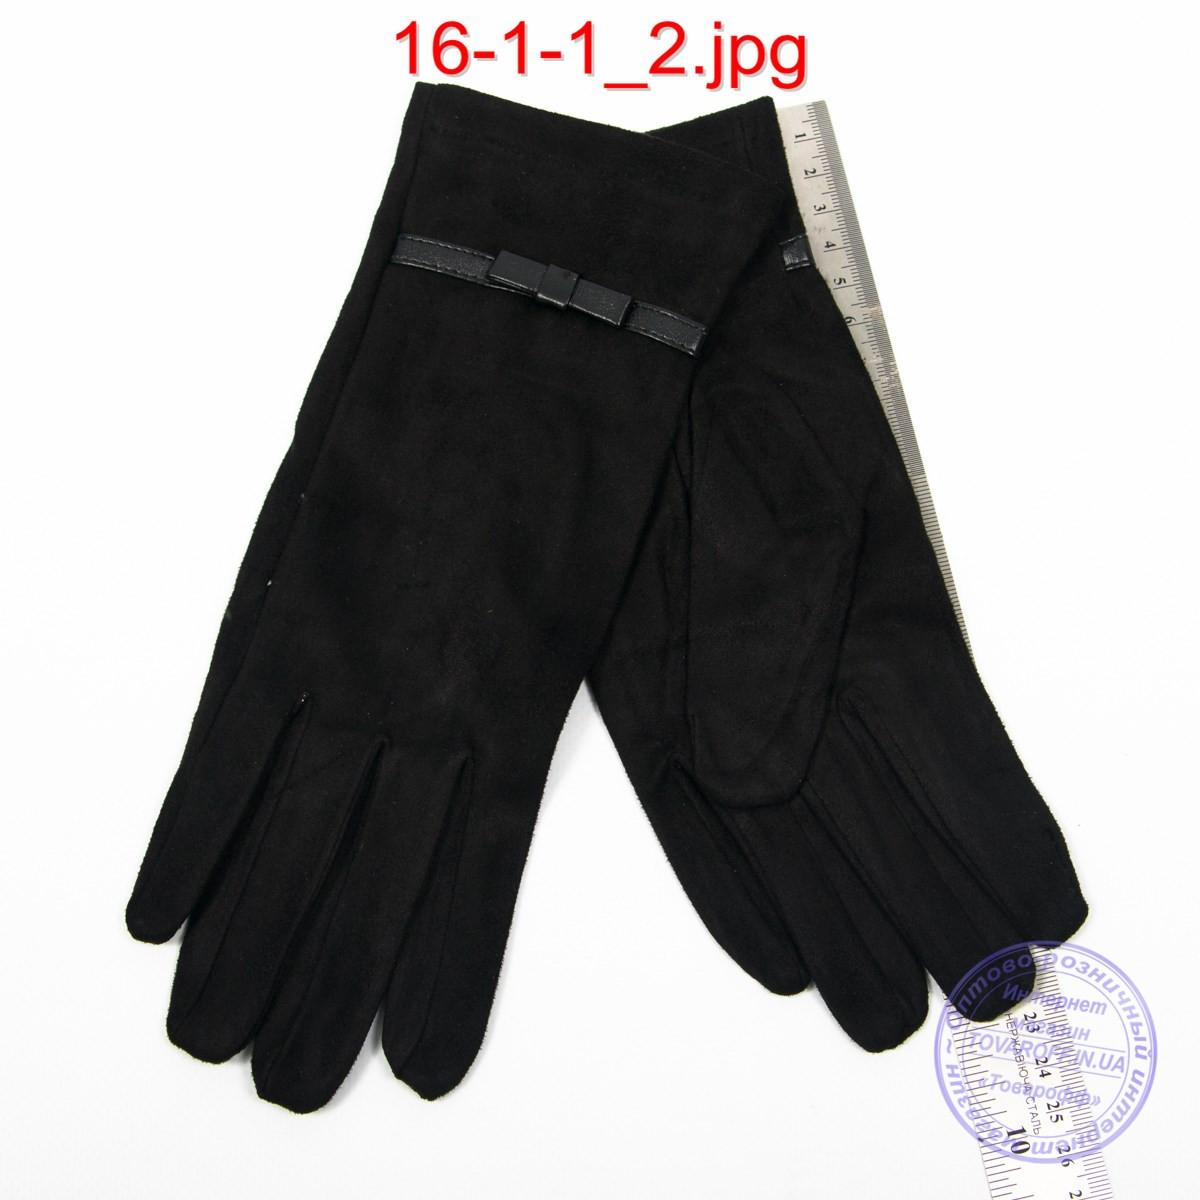 Оптом женские велюровые перчатки без подкладки - №16-1-1